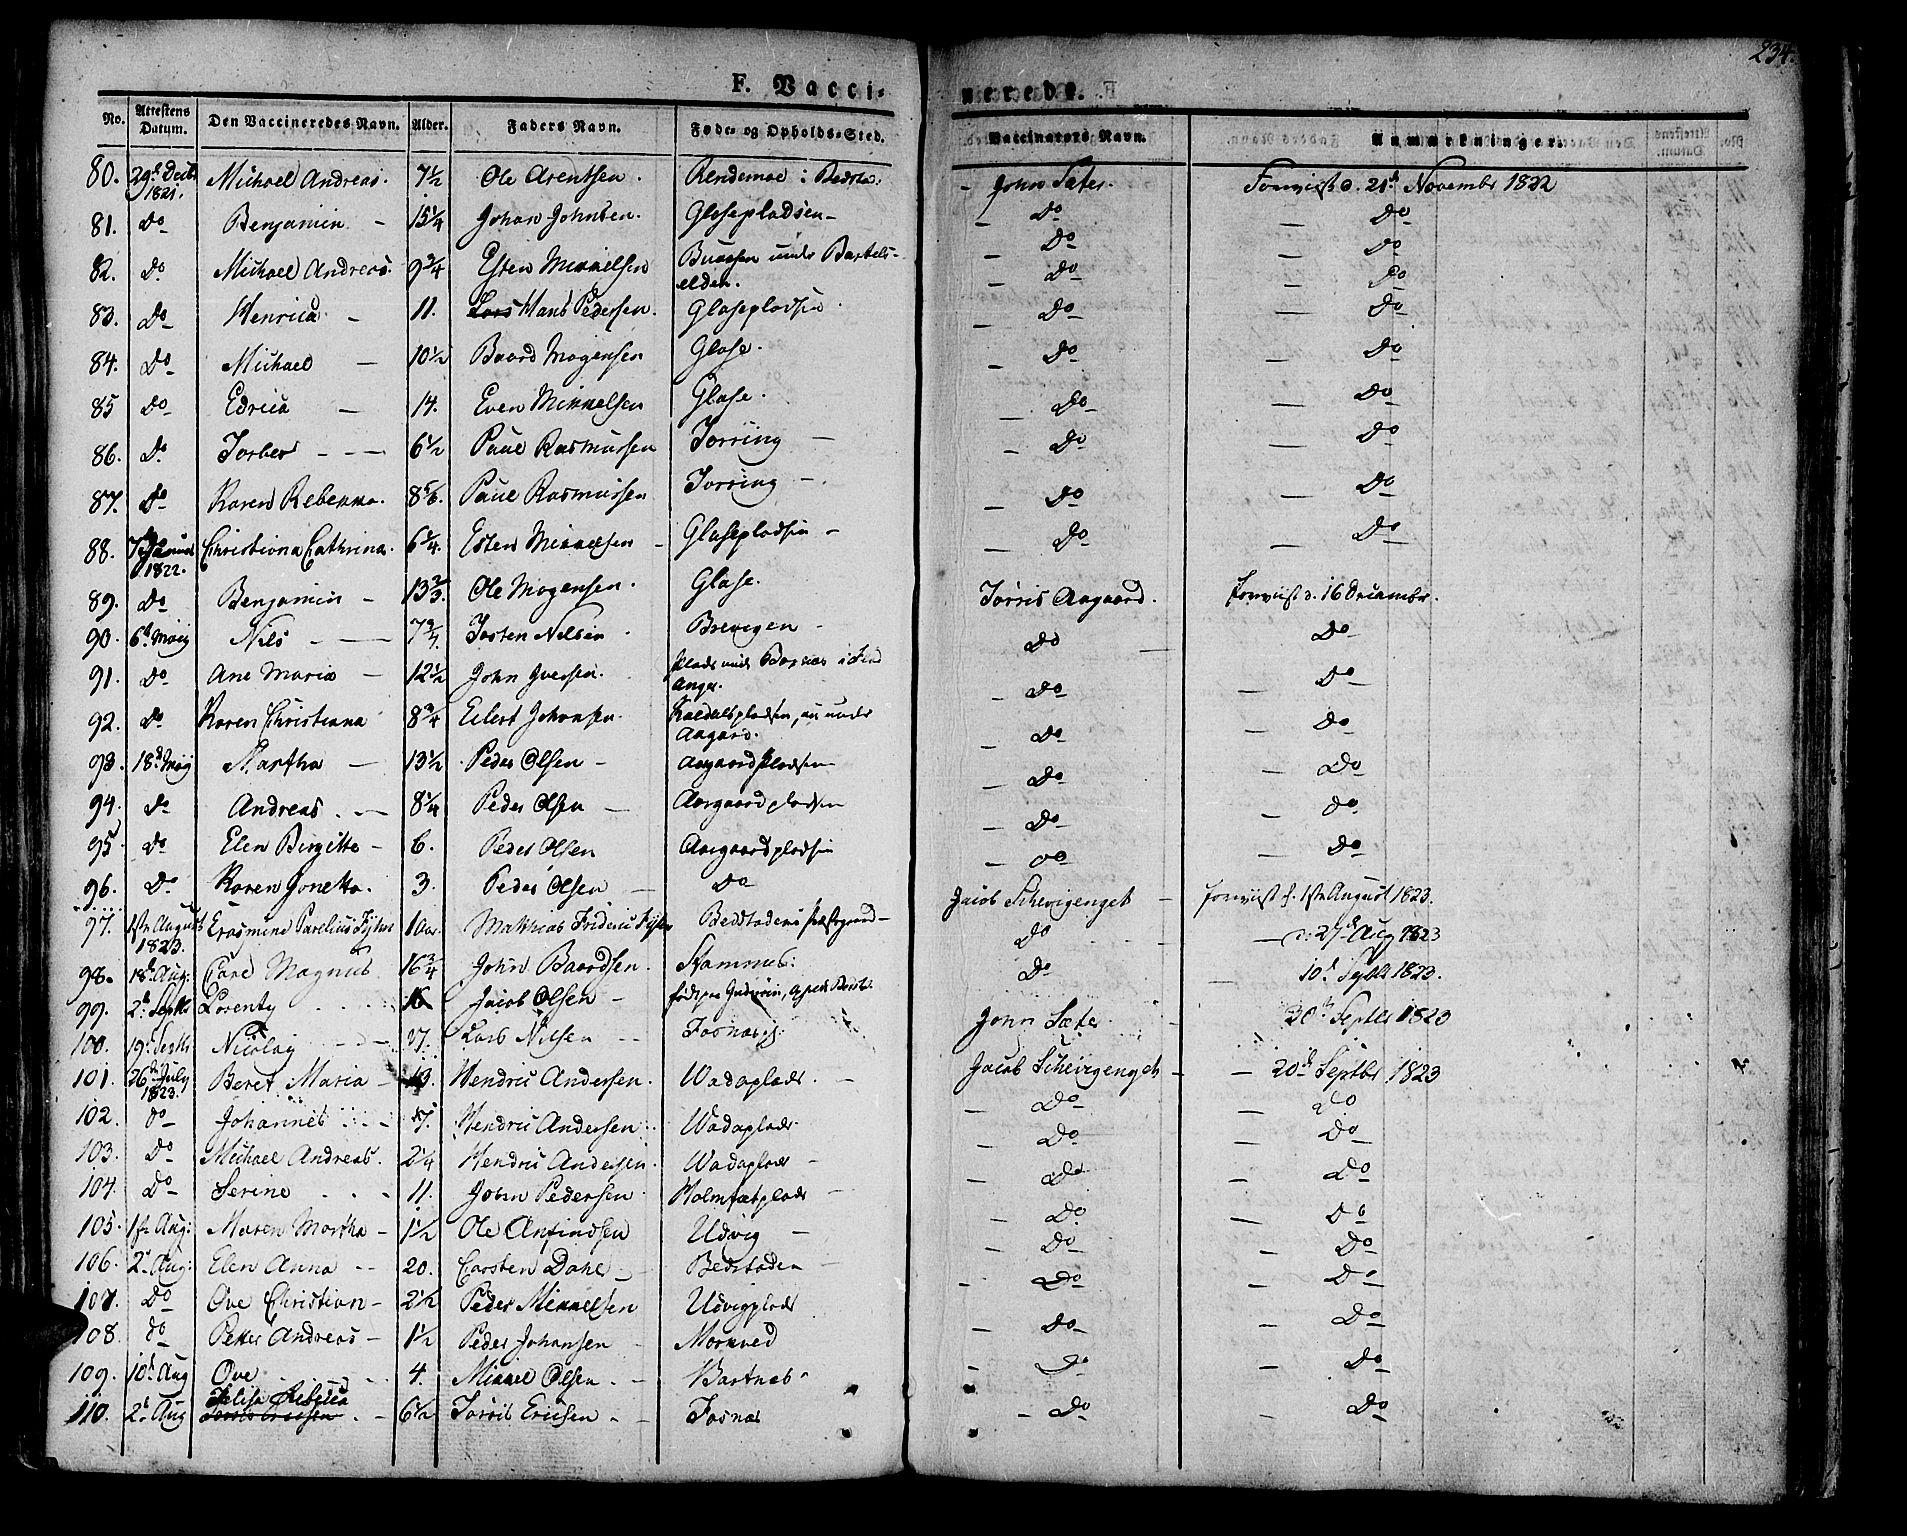 SAT, Ministerialprotokoller, klokkerbøker og fødselsregistre - Nord-Trøndelag, 741/L0390: Ministerialbok nr. 741A04, 1822-1836, s. 234